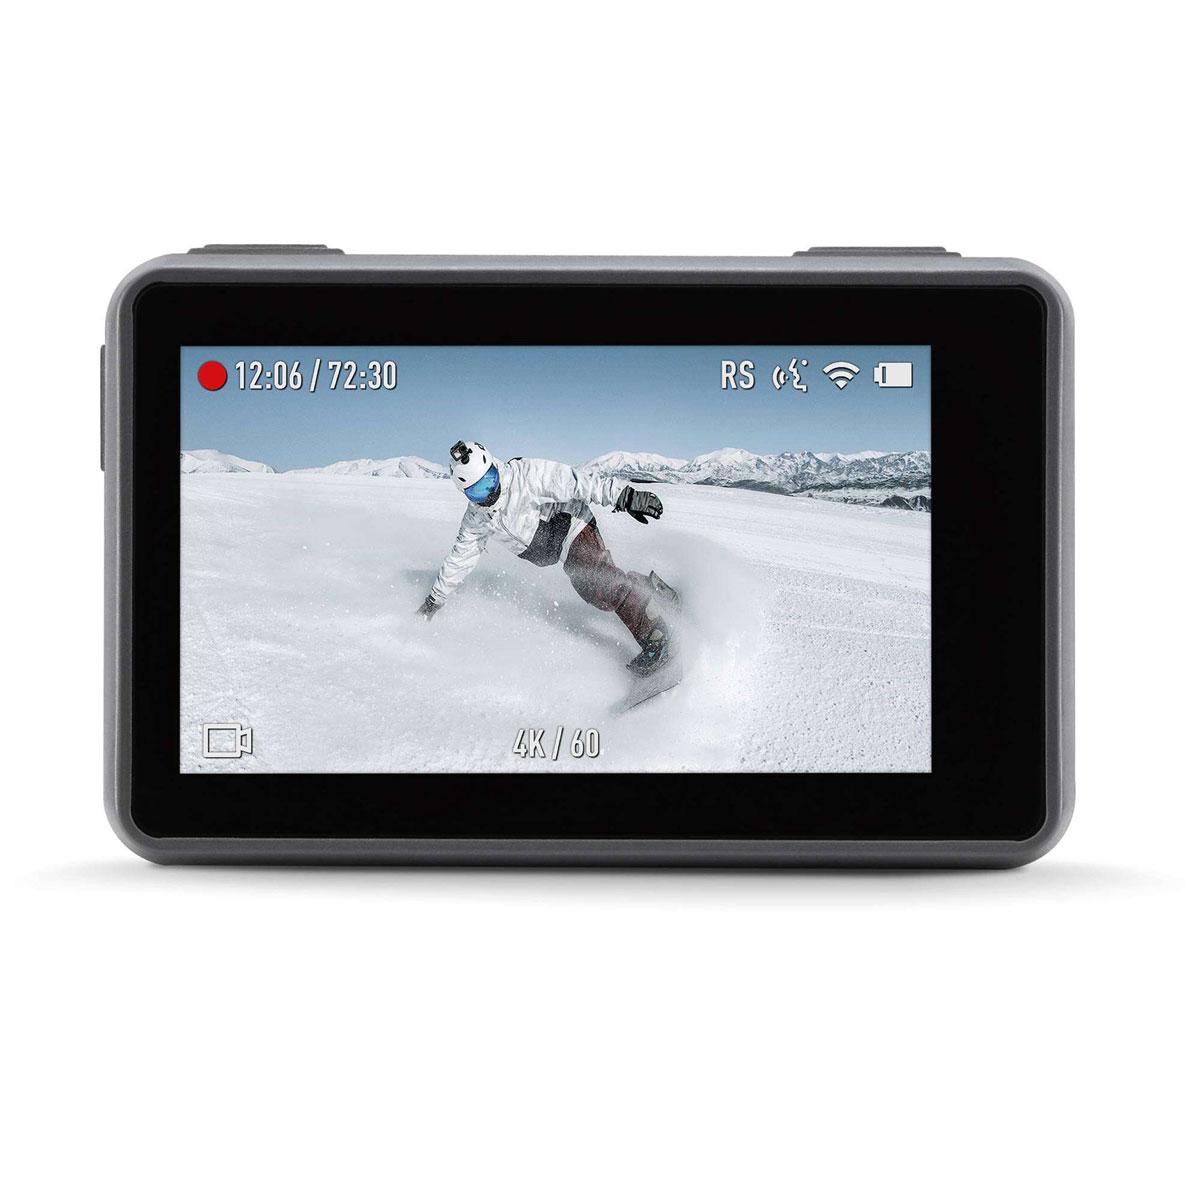 دوربین دی جی آی اسمو مدل OSMO Action